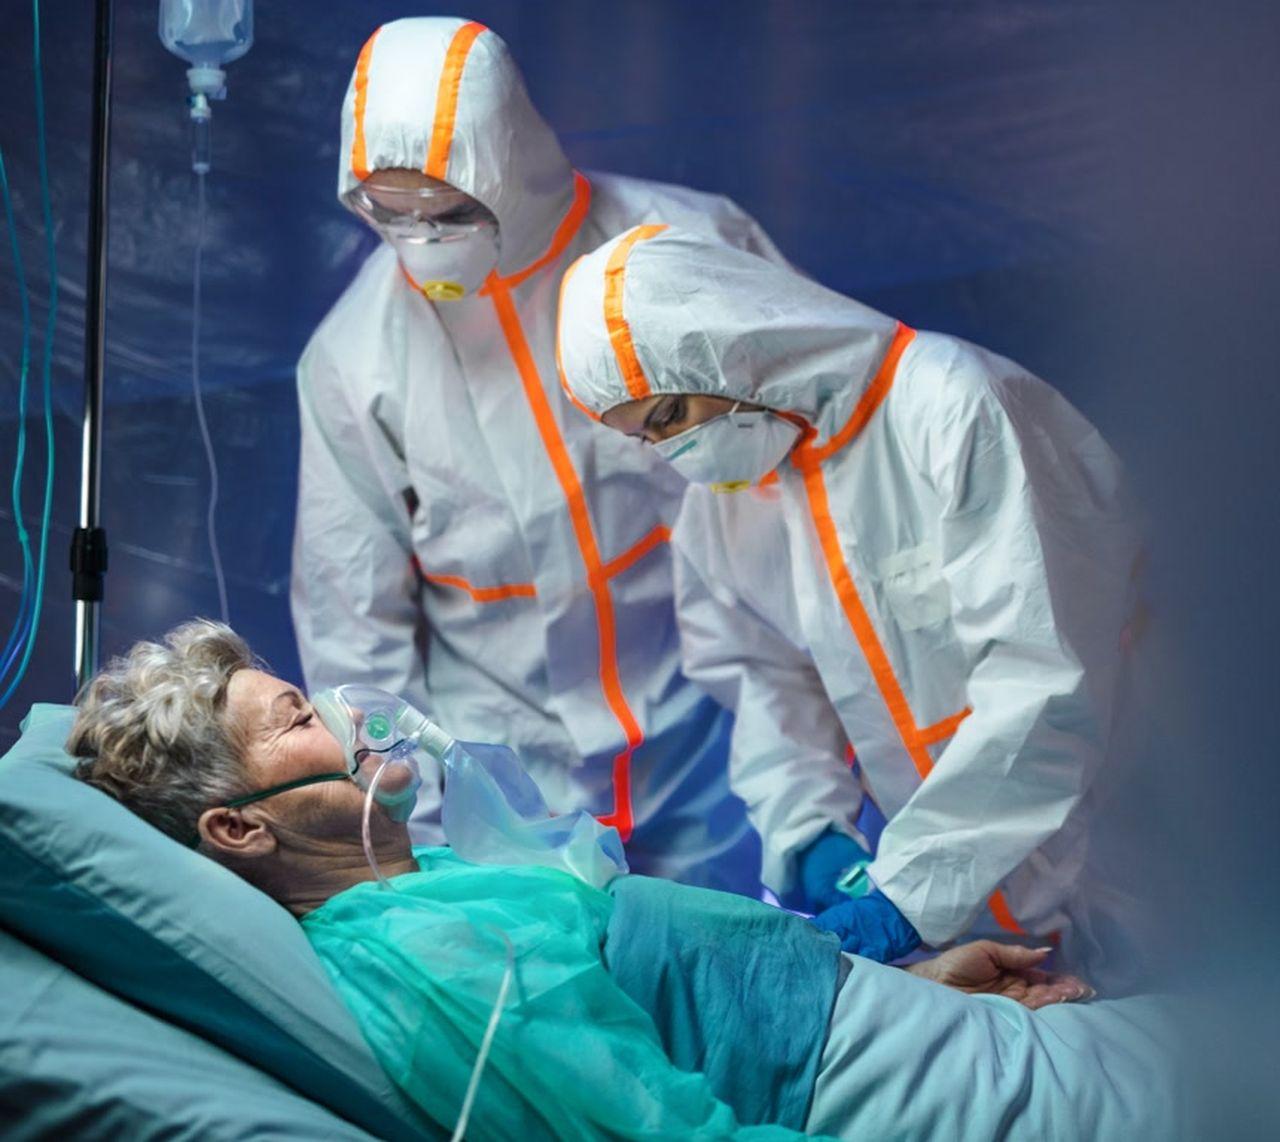 Wzrost zakażeń w kraju. Przybywa pacjentów  na oddziałach covidowych - Zdjęcie główne